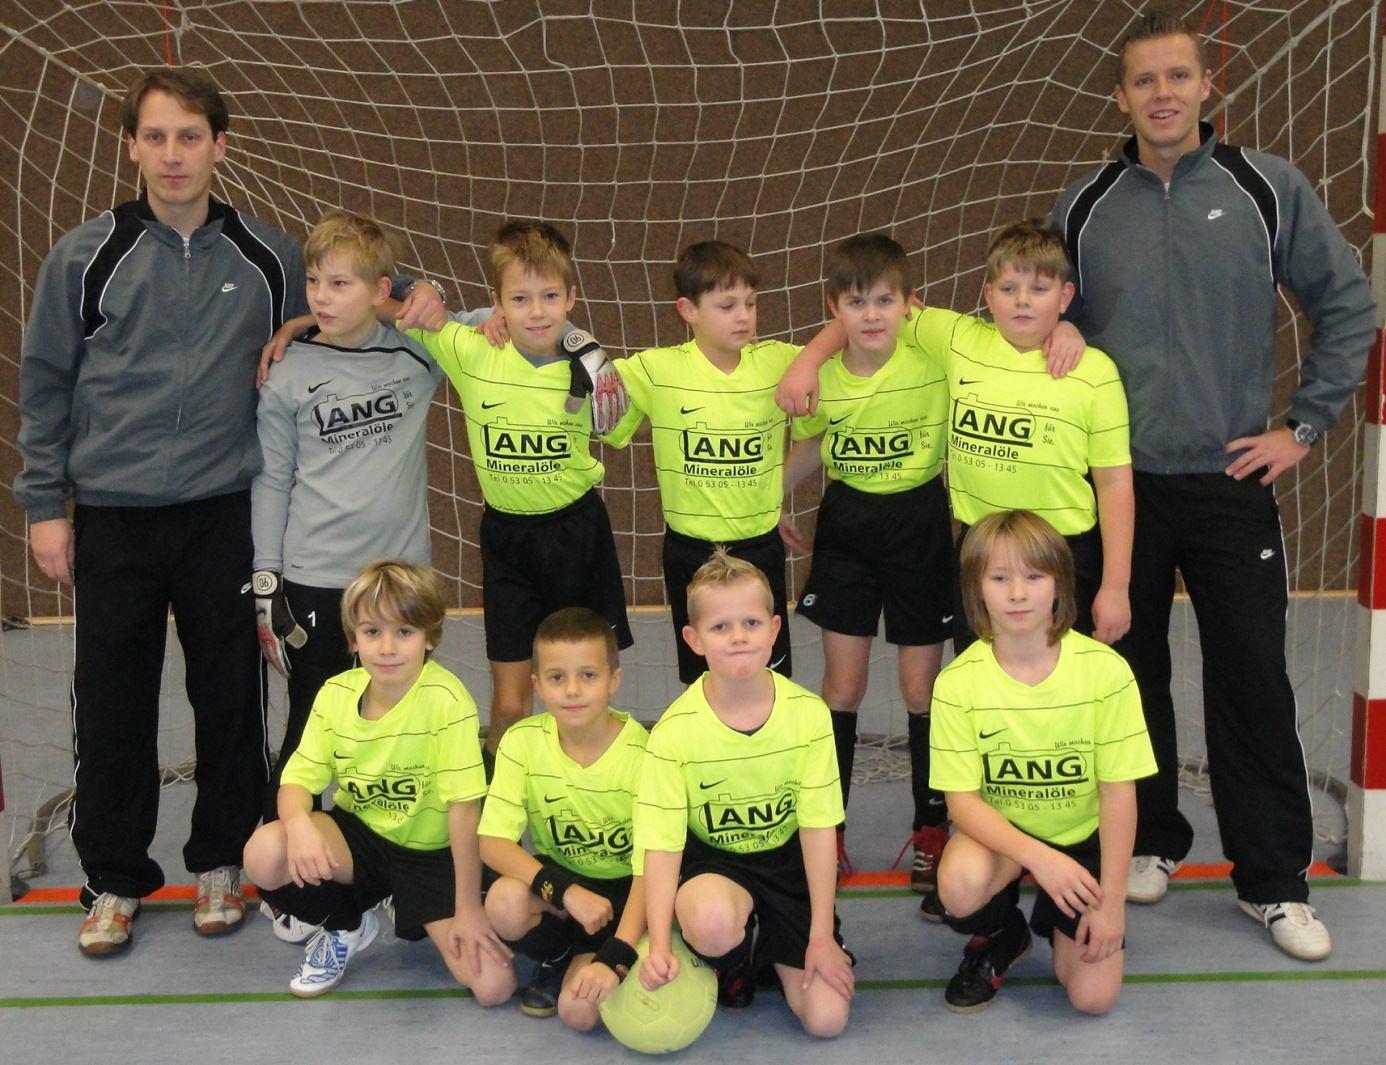 VfR Weddel - Fußball - - 2011 - E-Jugend_1